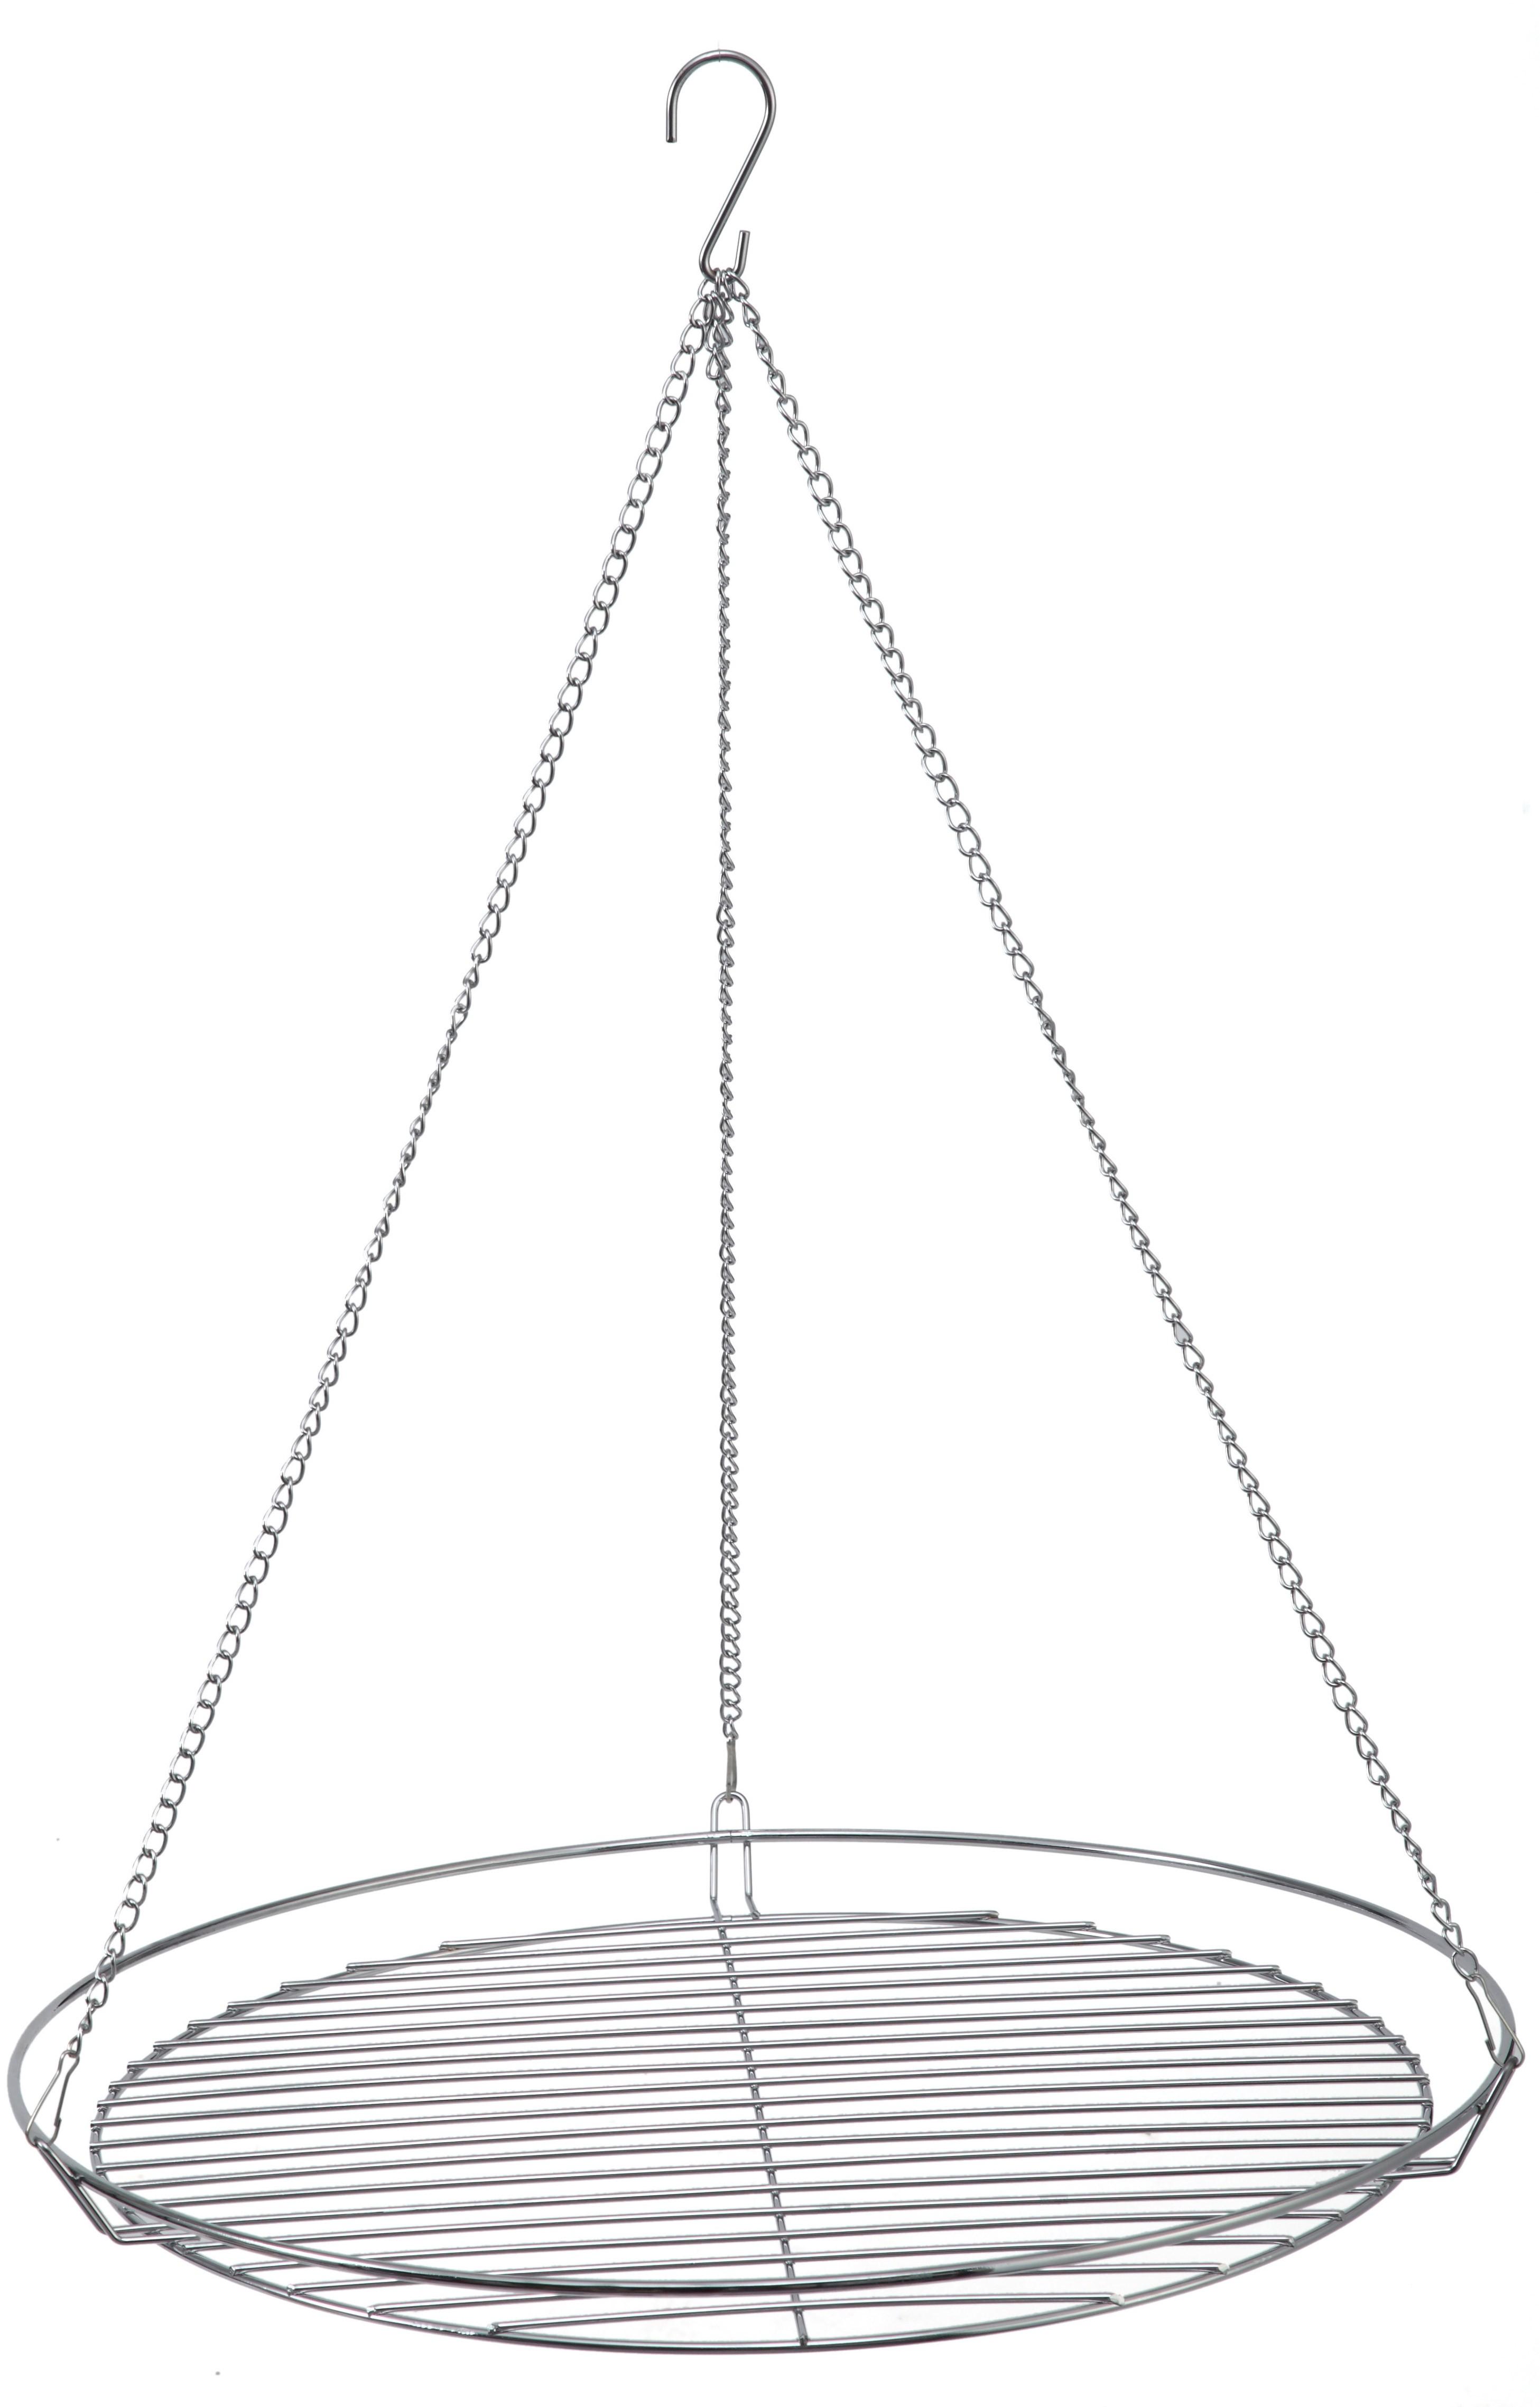 Tepro Grillrost rund mit Kette verchromt Grillfläche Ø49cm Bild 1